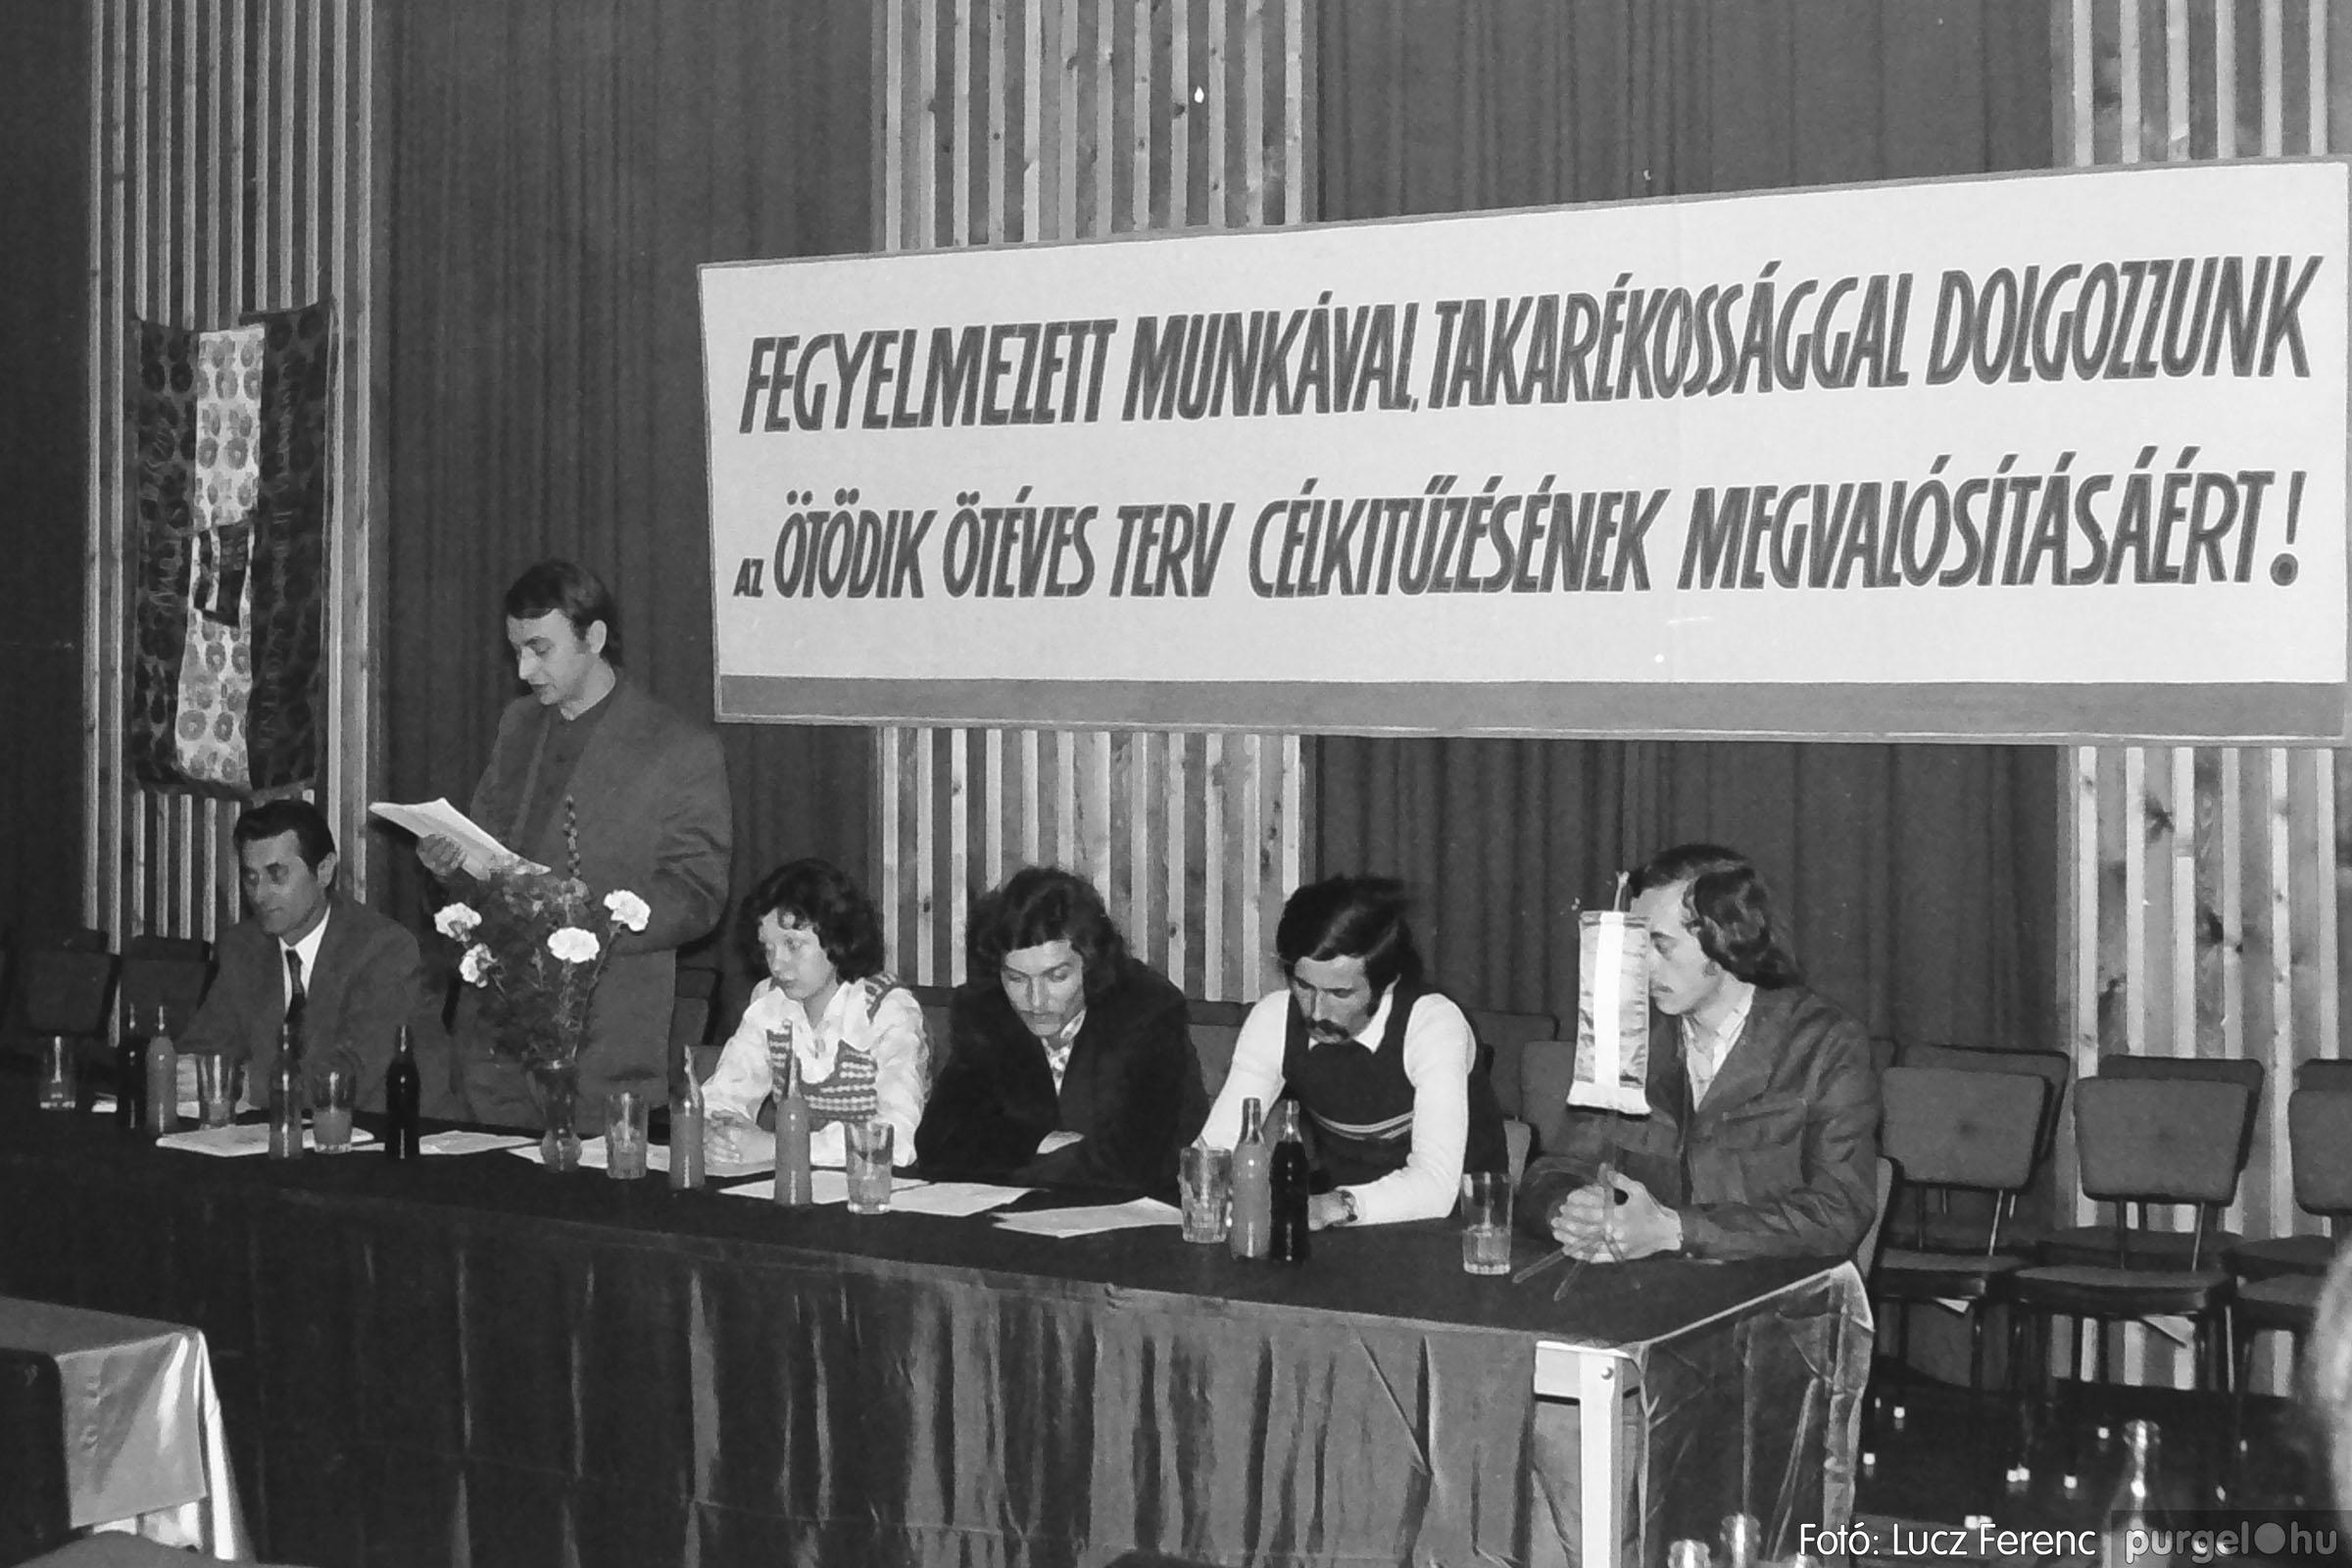 037. 1976. Az ötödik ötéves tervért... 006 - Fotó: Lucz Ferenc.jpg